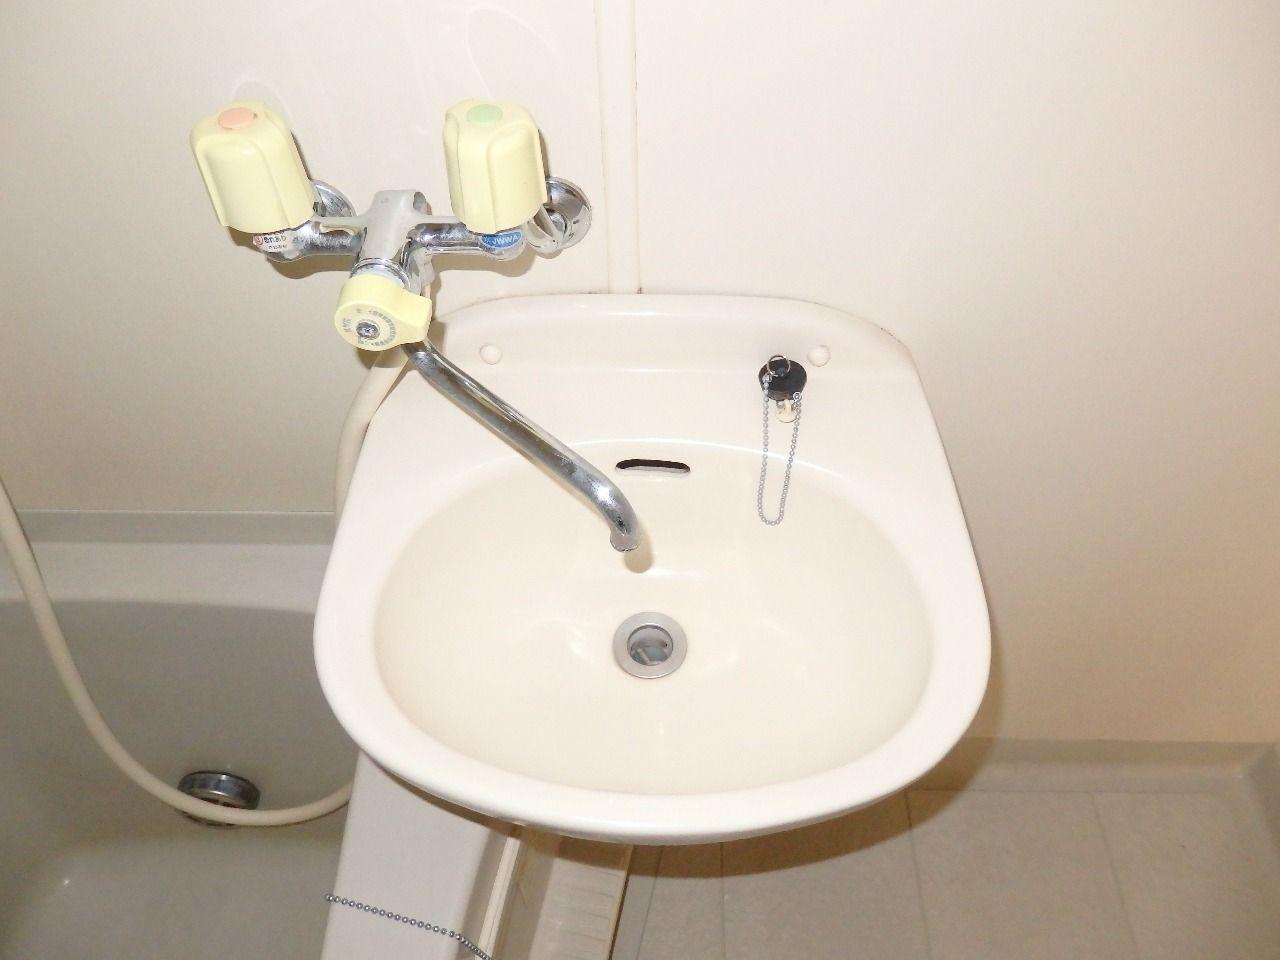 お風呂を洗う時に一緒に洗えるので常に清潔感があります。